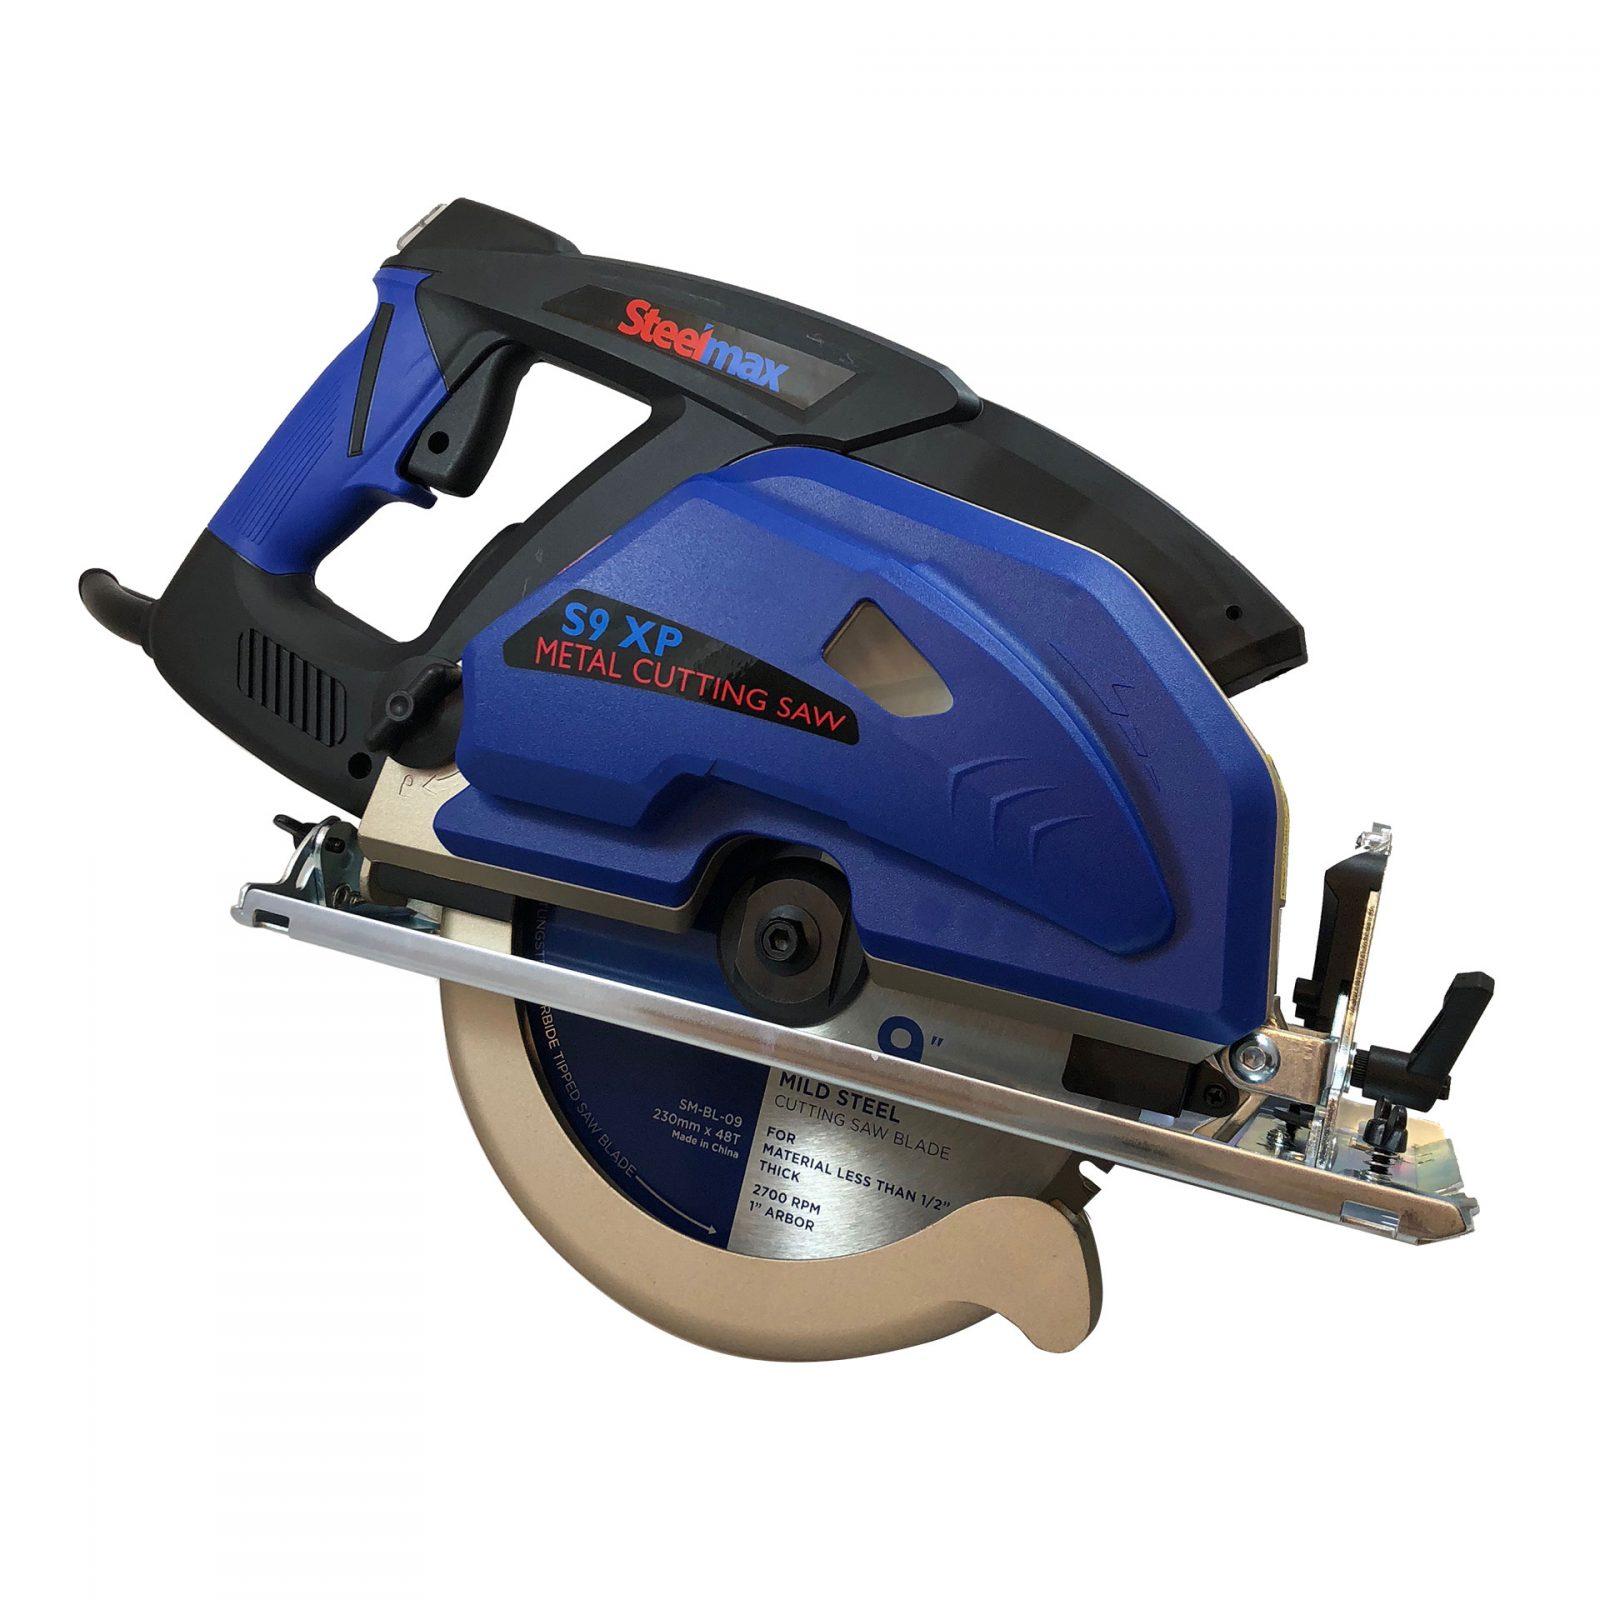 S9 XP Metal Cutting Saw